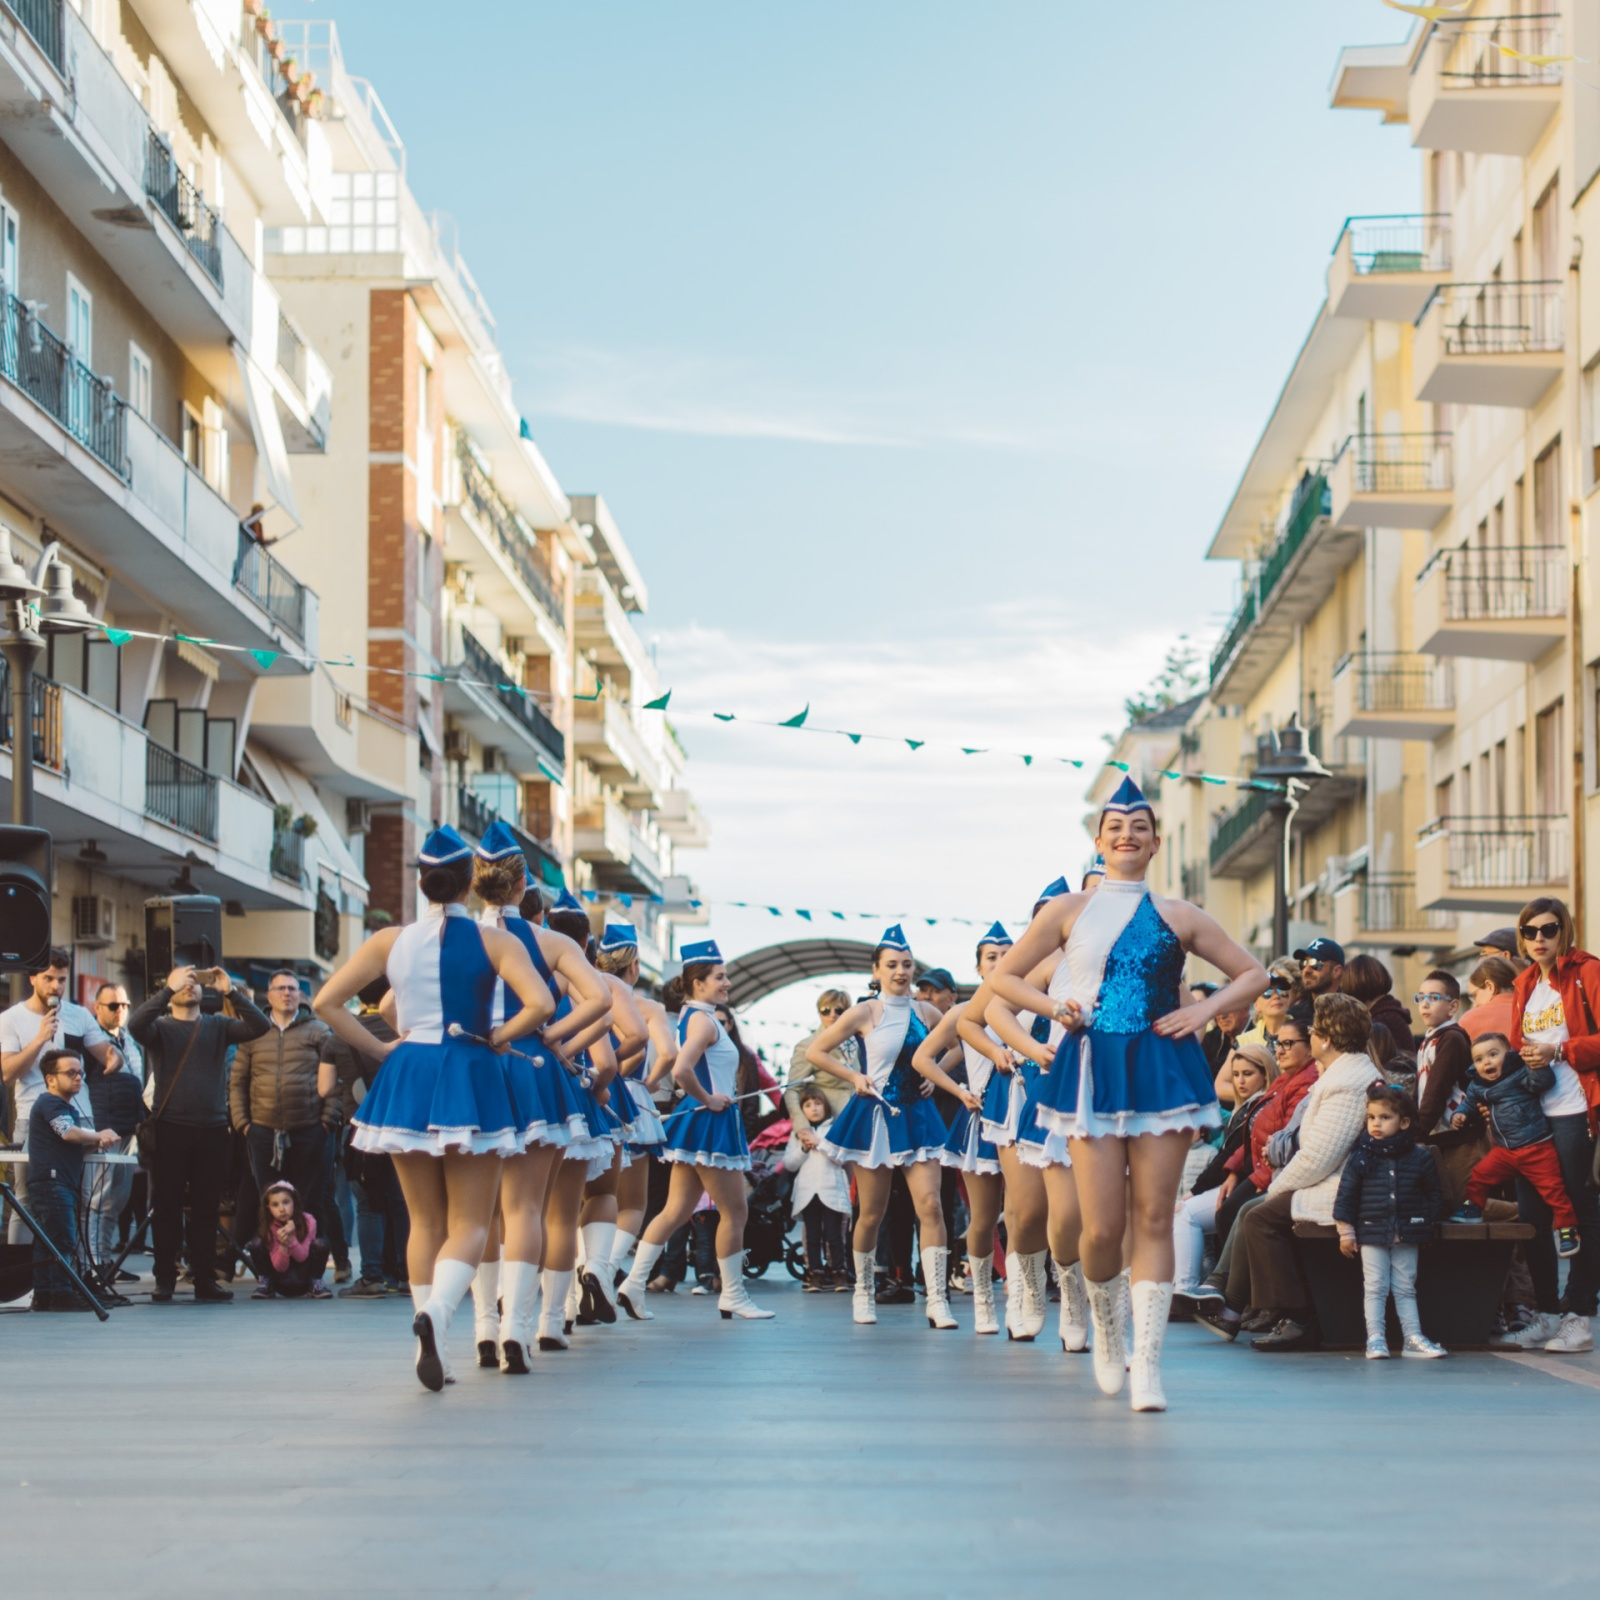 Le Sailors Majorettes di Scafati si esibiscono per il pubblico durante un raduno di bande e majorettes a Maiori. Maiori, SA, 2018. © Agnese Morganti.